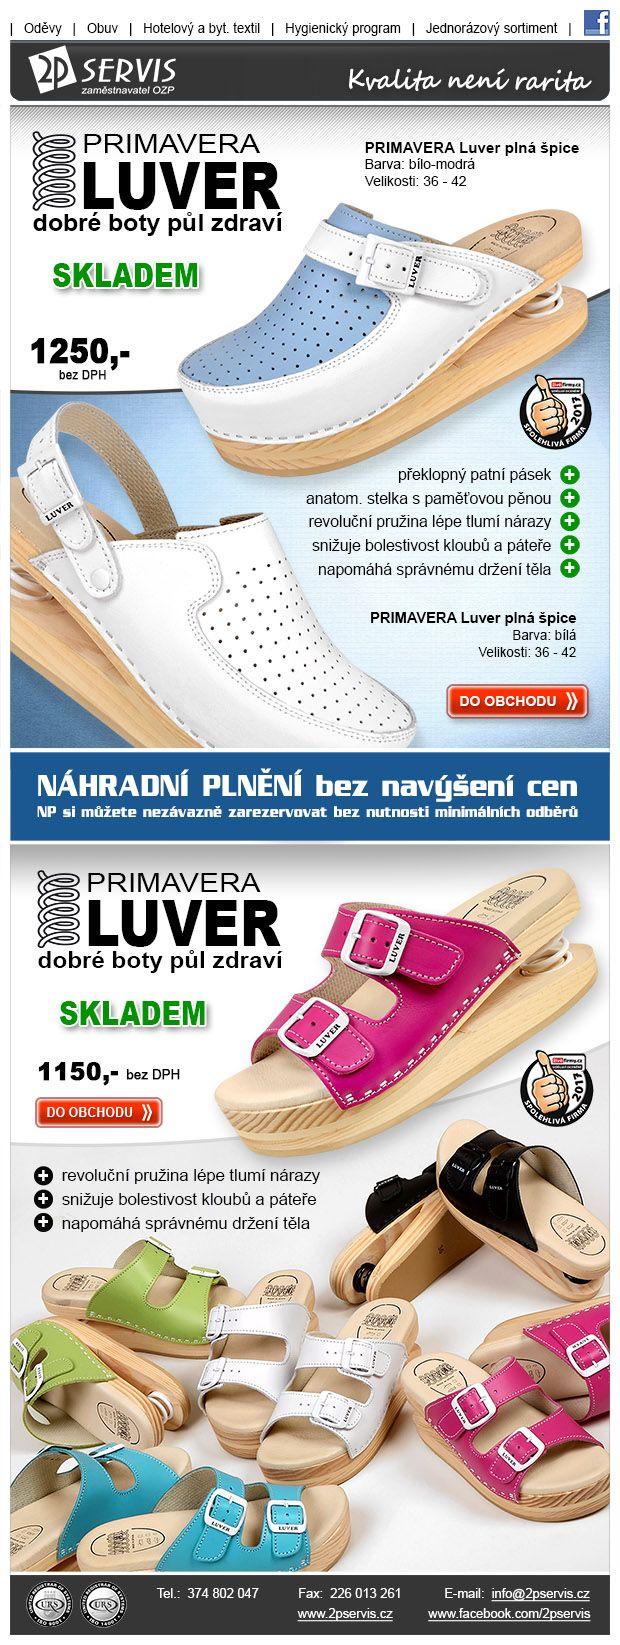 ★ Odpružená Primavera Luver botička = pohodová chůzička ★